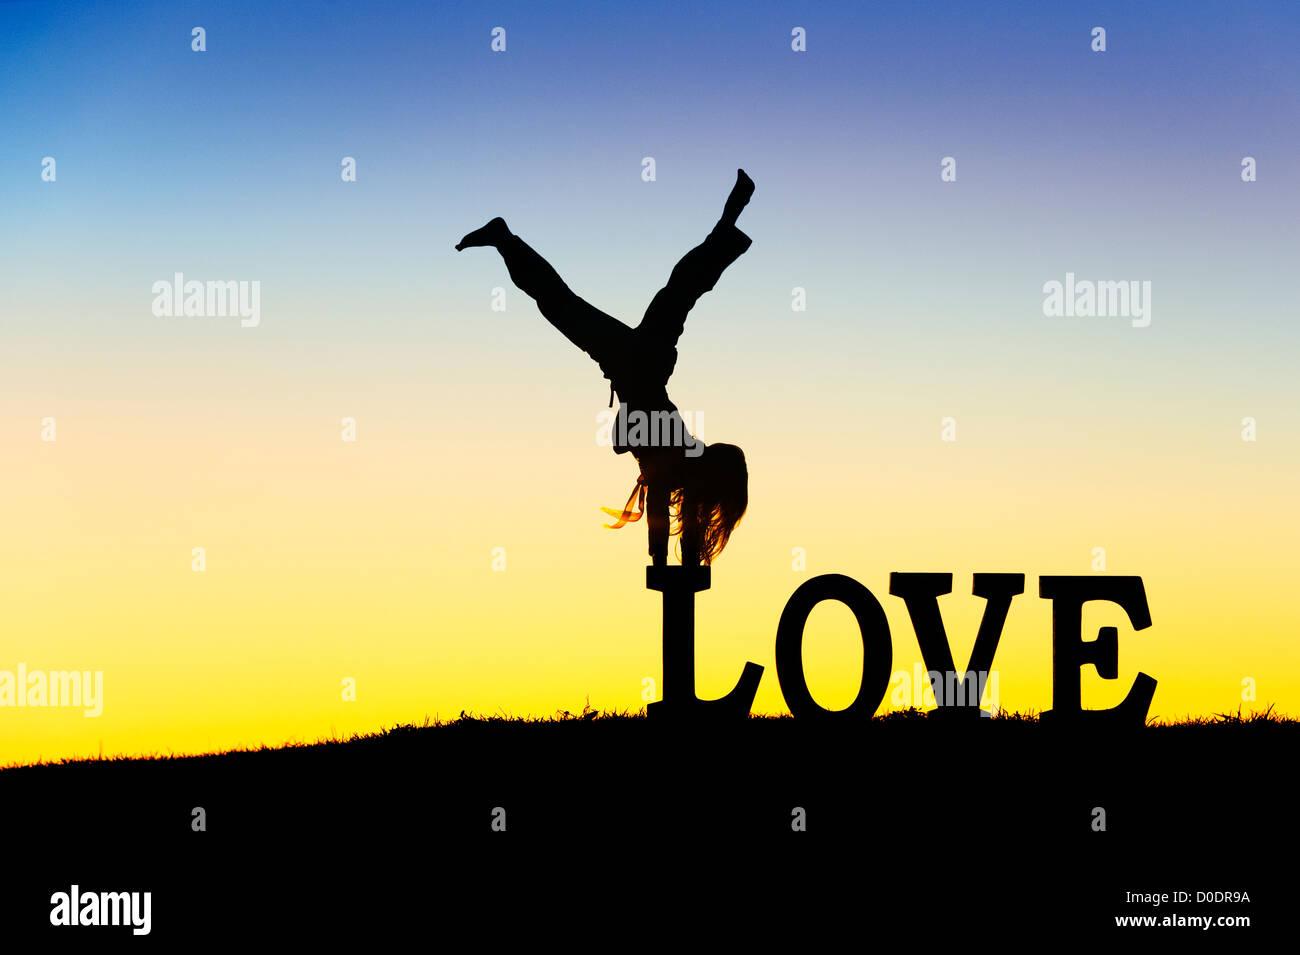 Joven haciendo el pino sobre cartas de amor. Silueta. Montaje de dos imágenes para el concepto de la cabeza Imagen De Stock